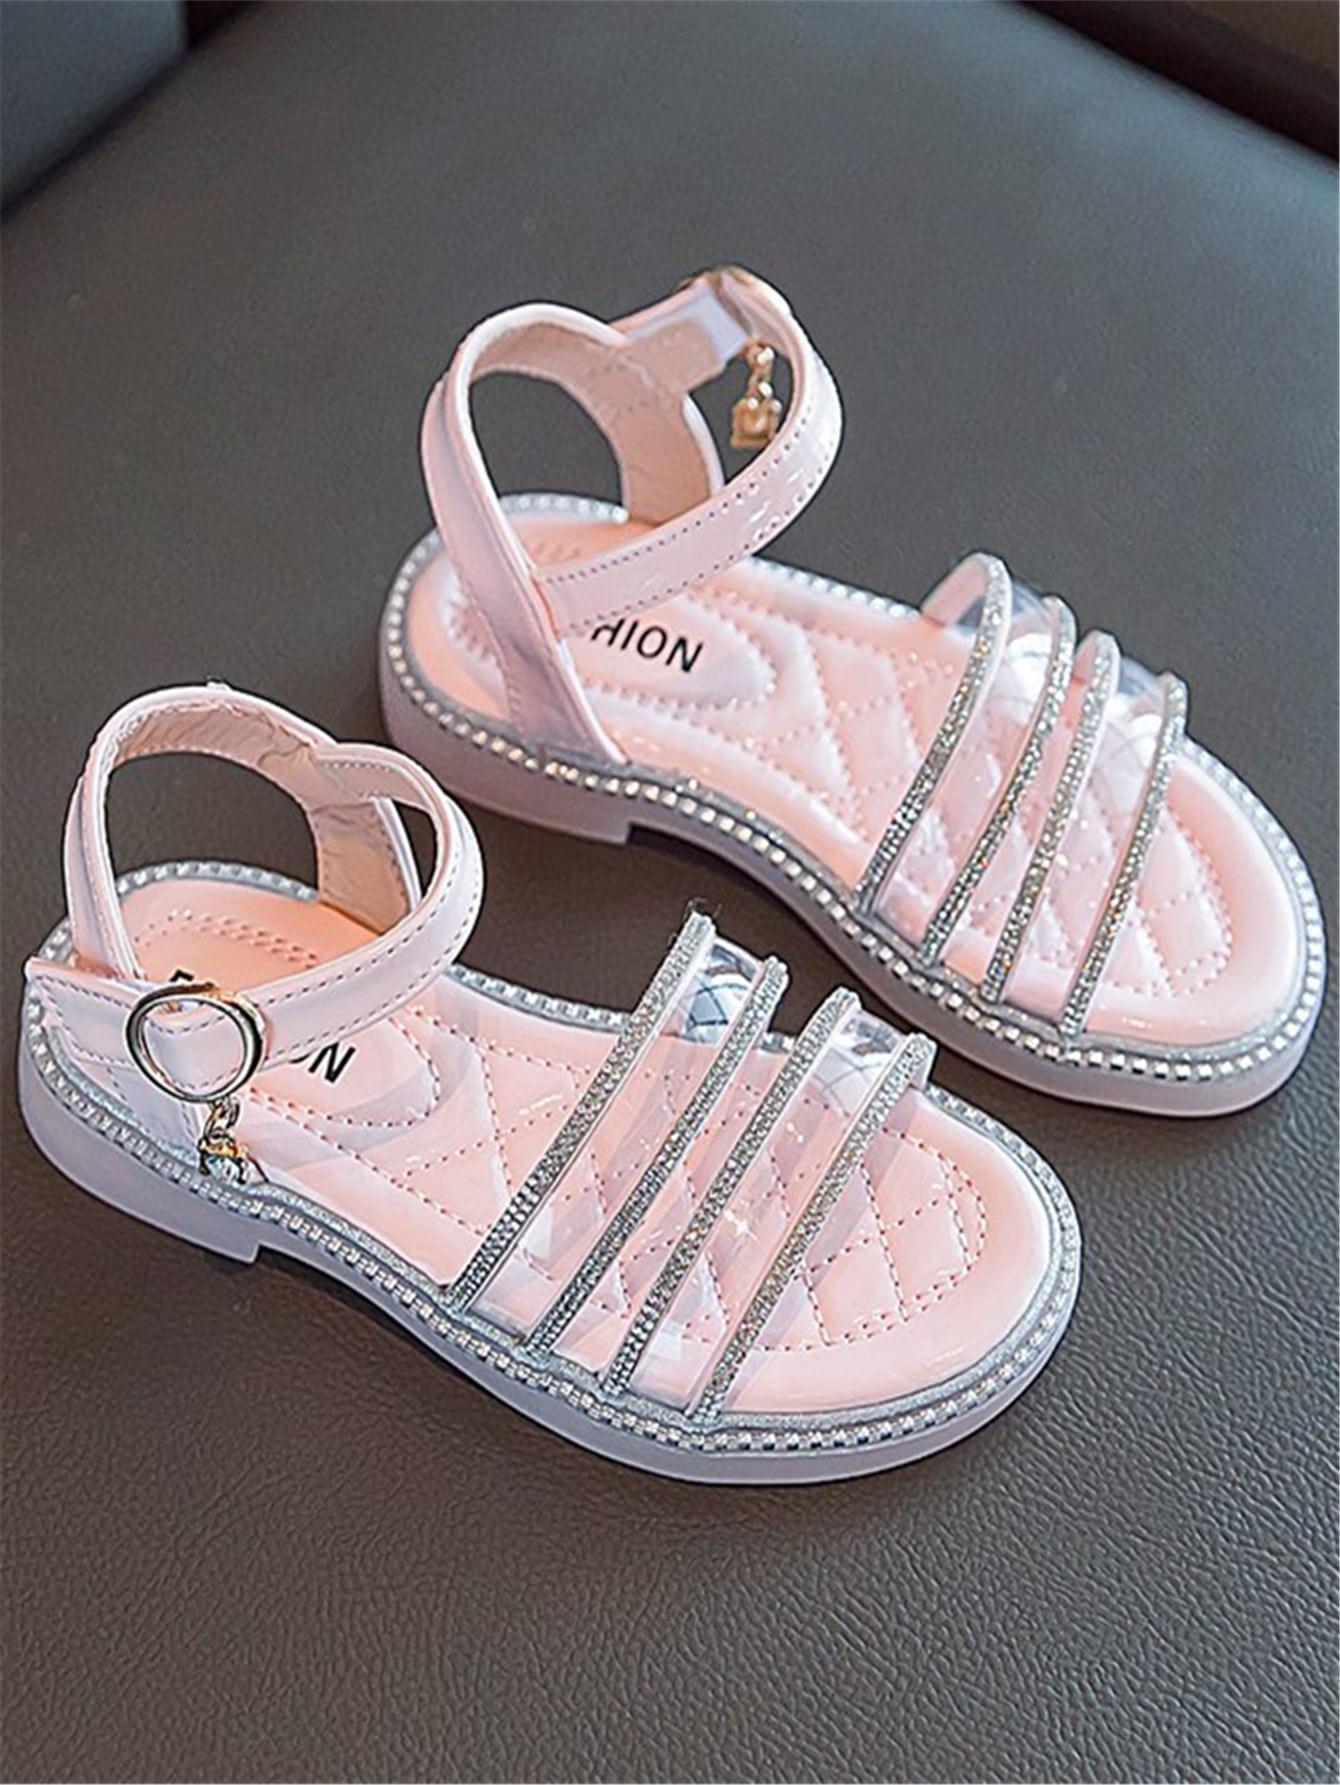 Girls Clear Rhinestone Decor Sandals